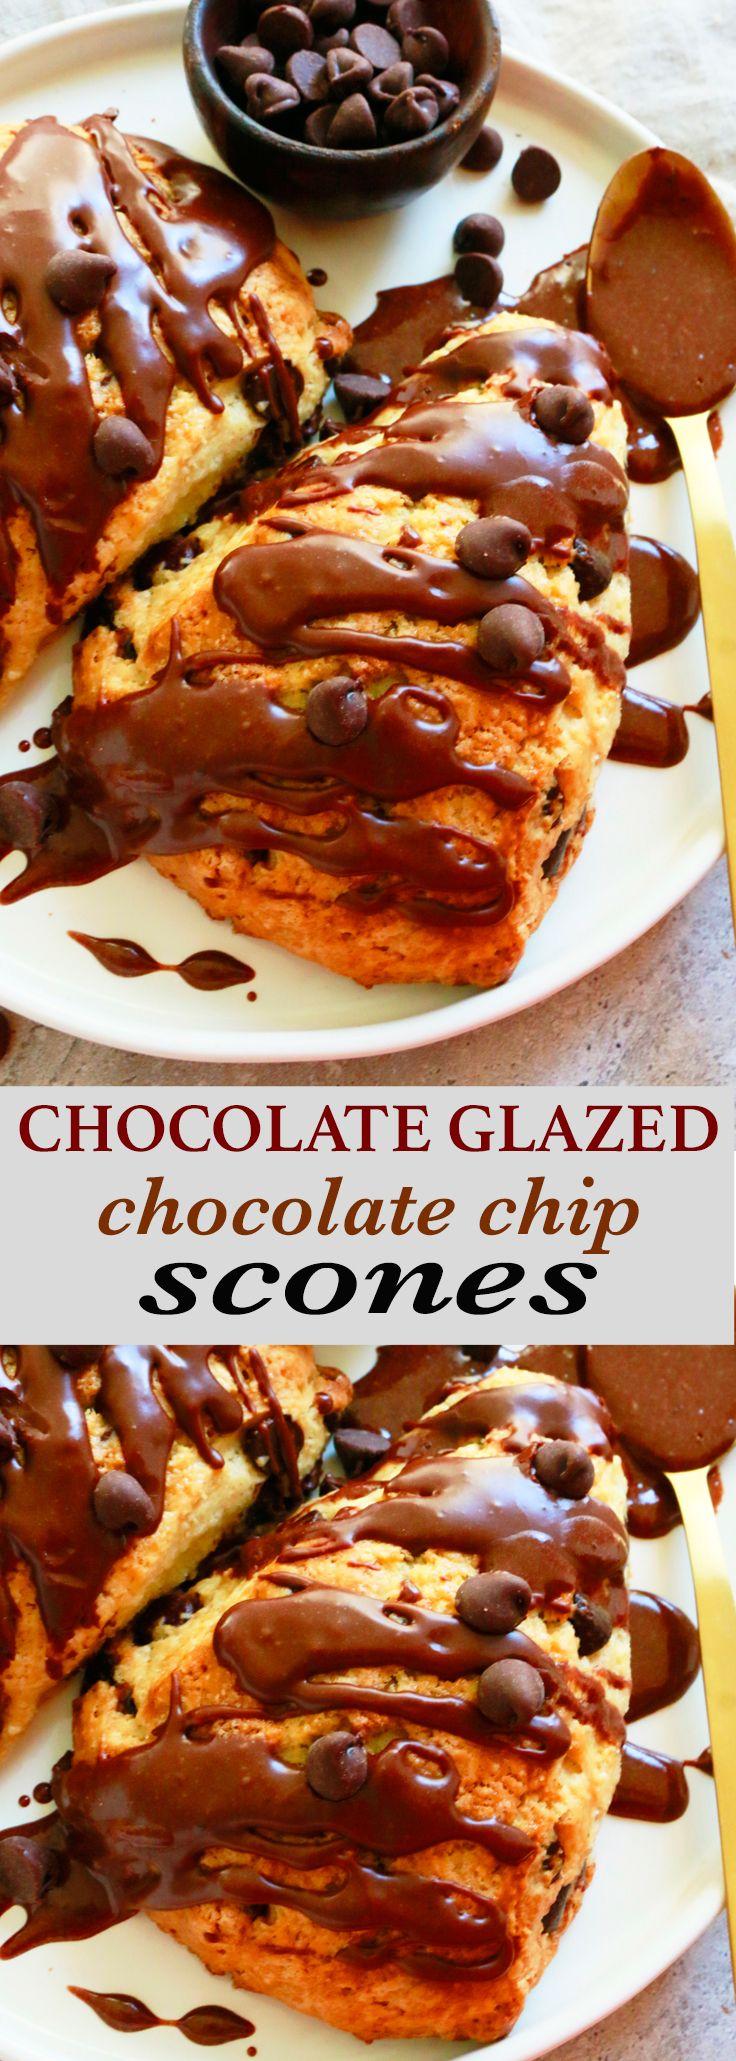 chocolate glazed scones | chocolate scones | chocolate chip scones